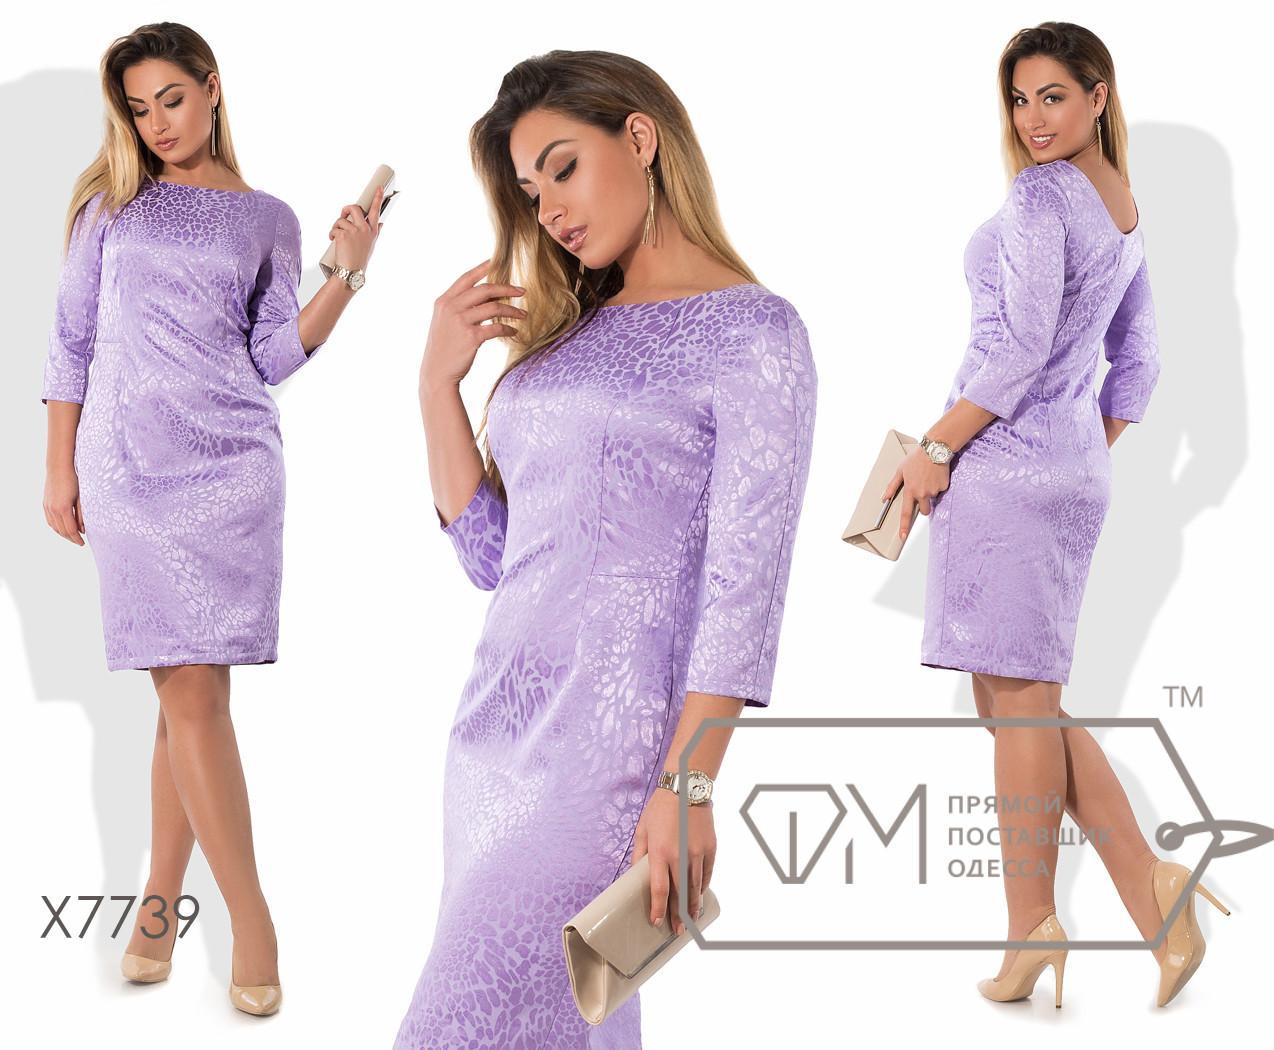 Платье-футляр миди приталенное из жаккарда с рукавами 3/4, вытачками на лифе, ювелирным вырезом и небольшим декольте сзади X7739